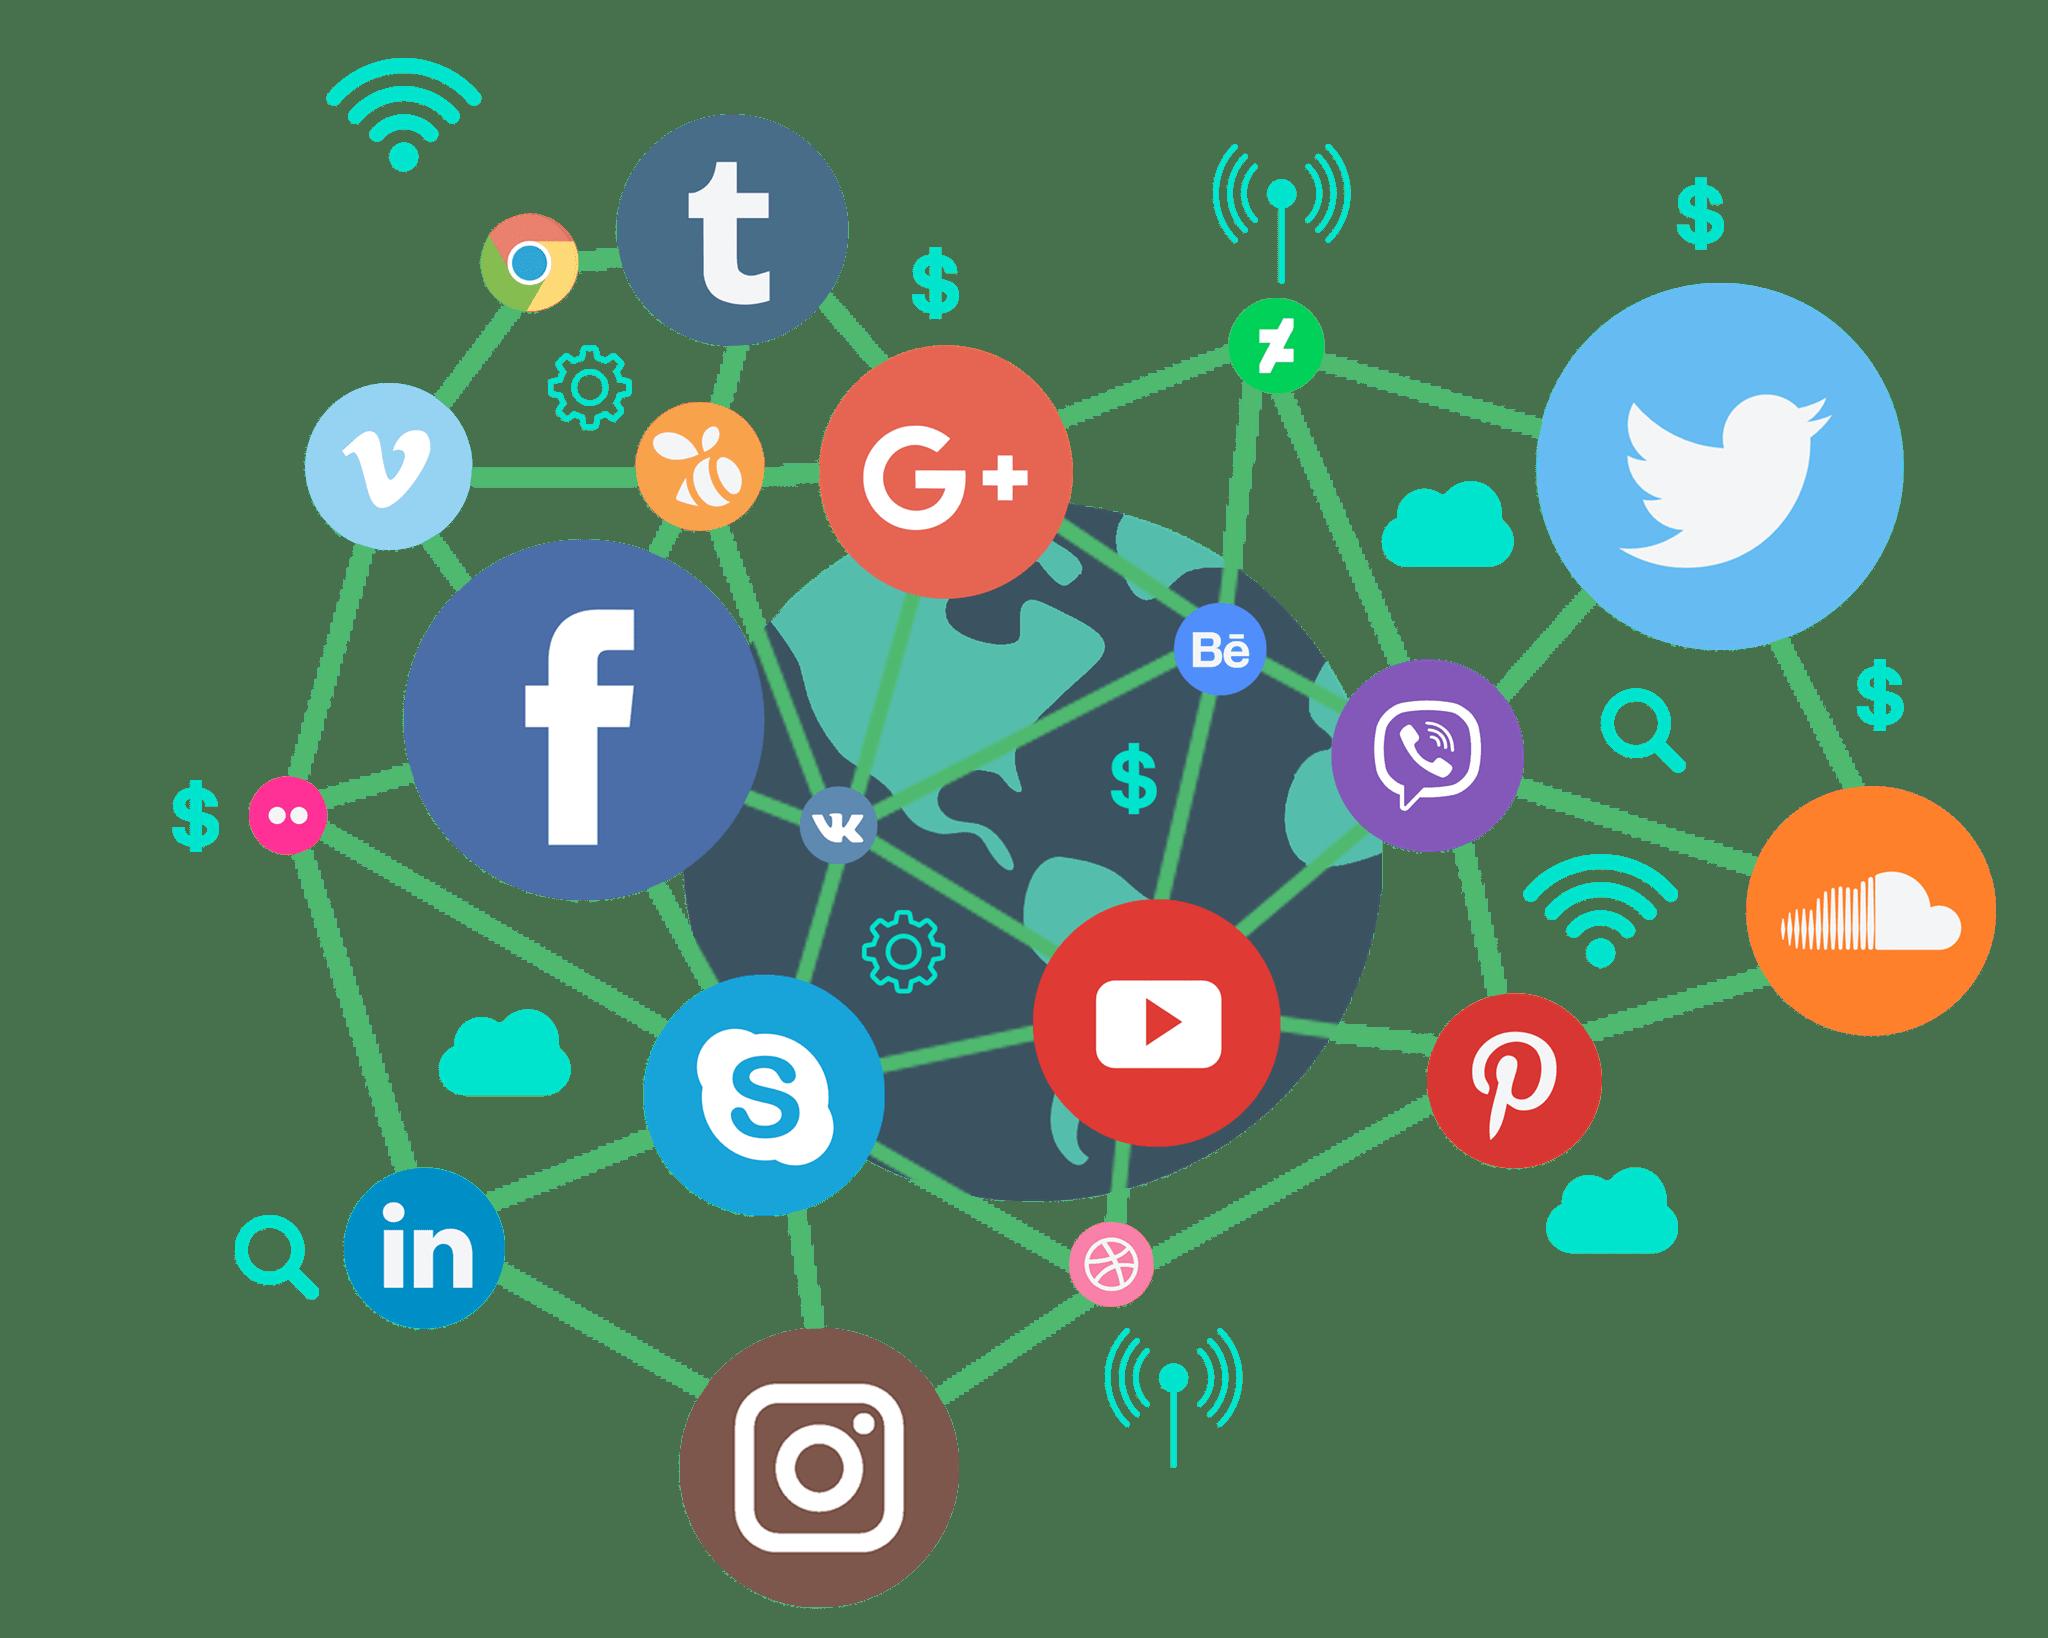 Apa Itu Pengelolaan / Manajemen Sosial Media